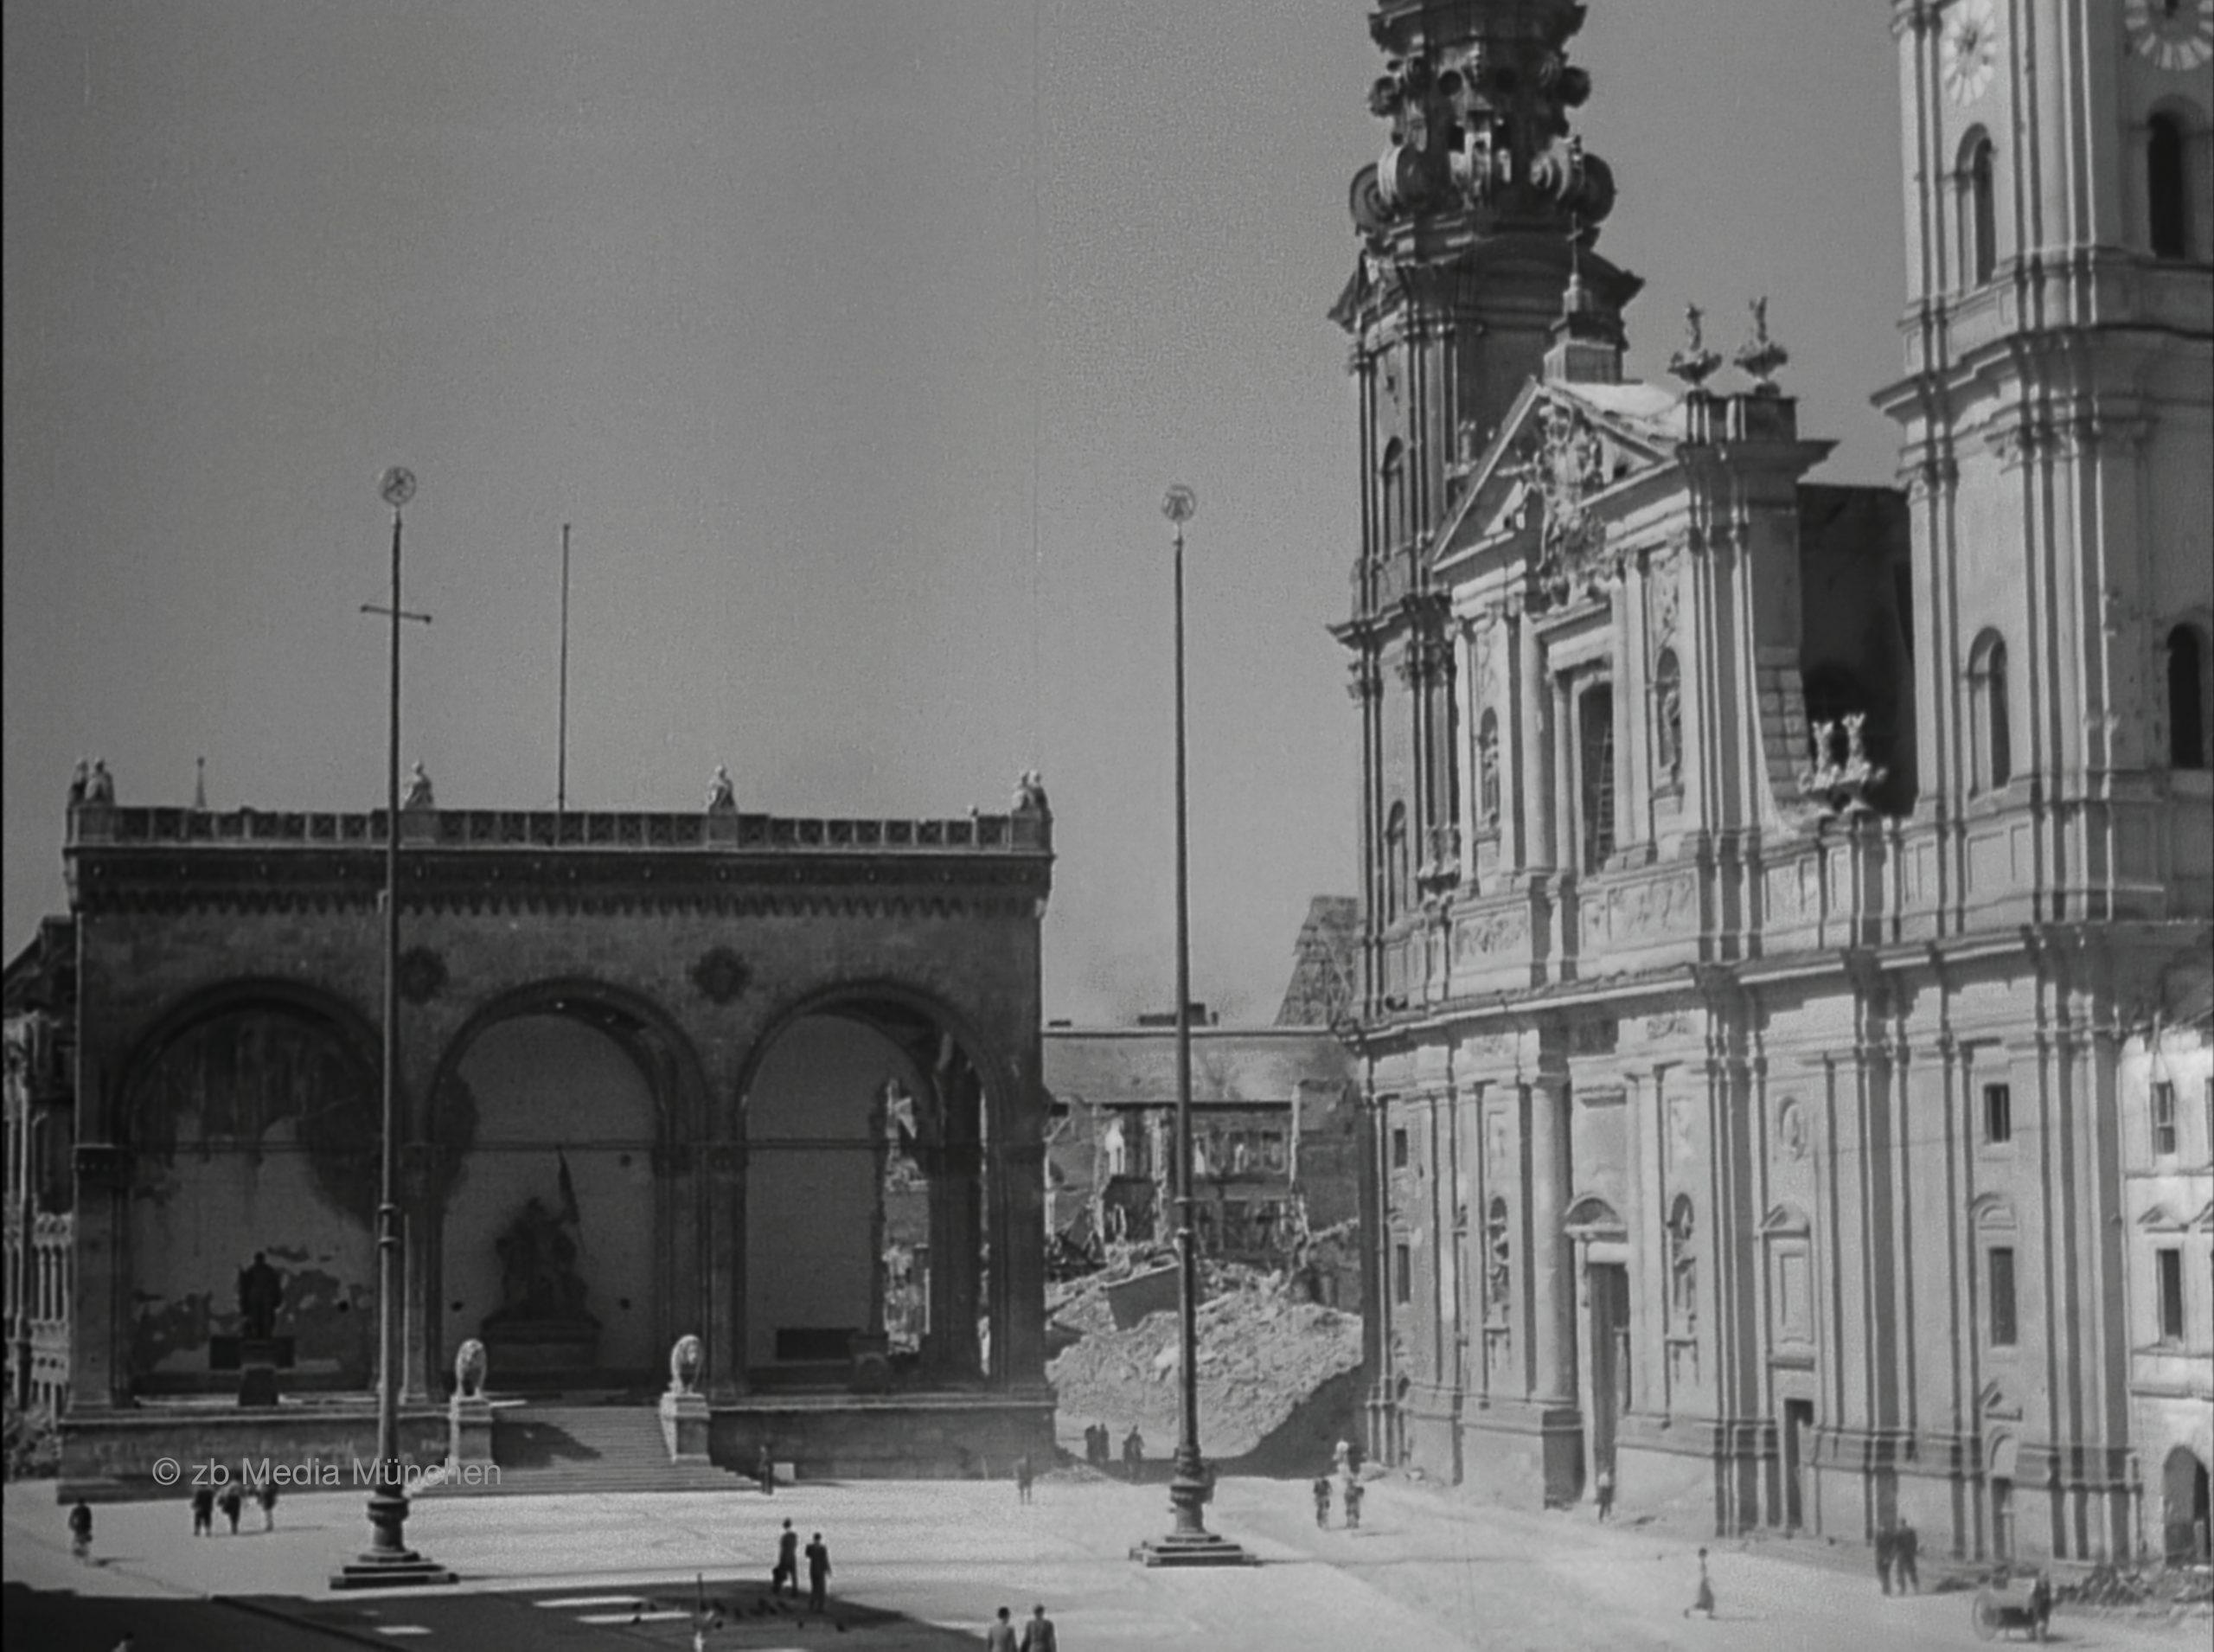 Odeonsplatz, München am 5. Mai 1945, Ruine, Bombenschaden